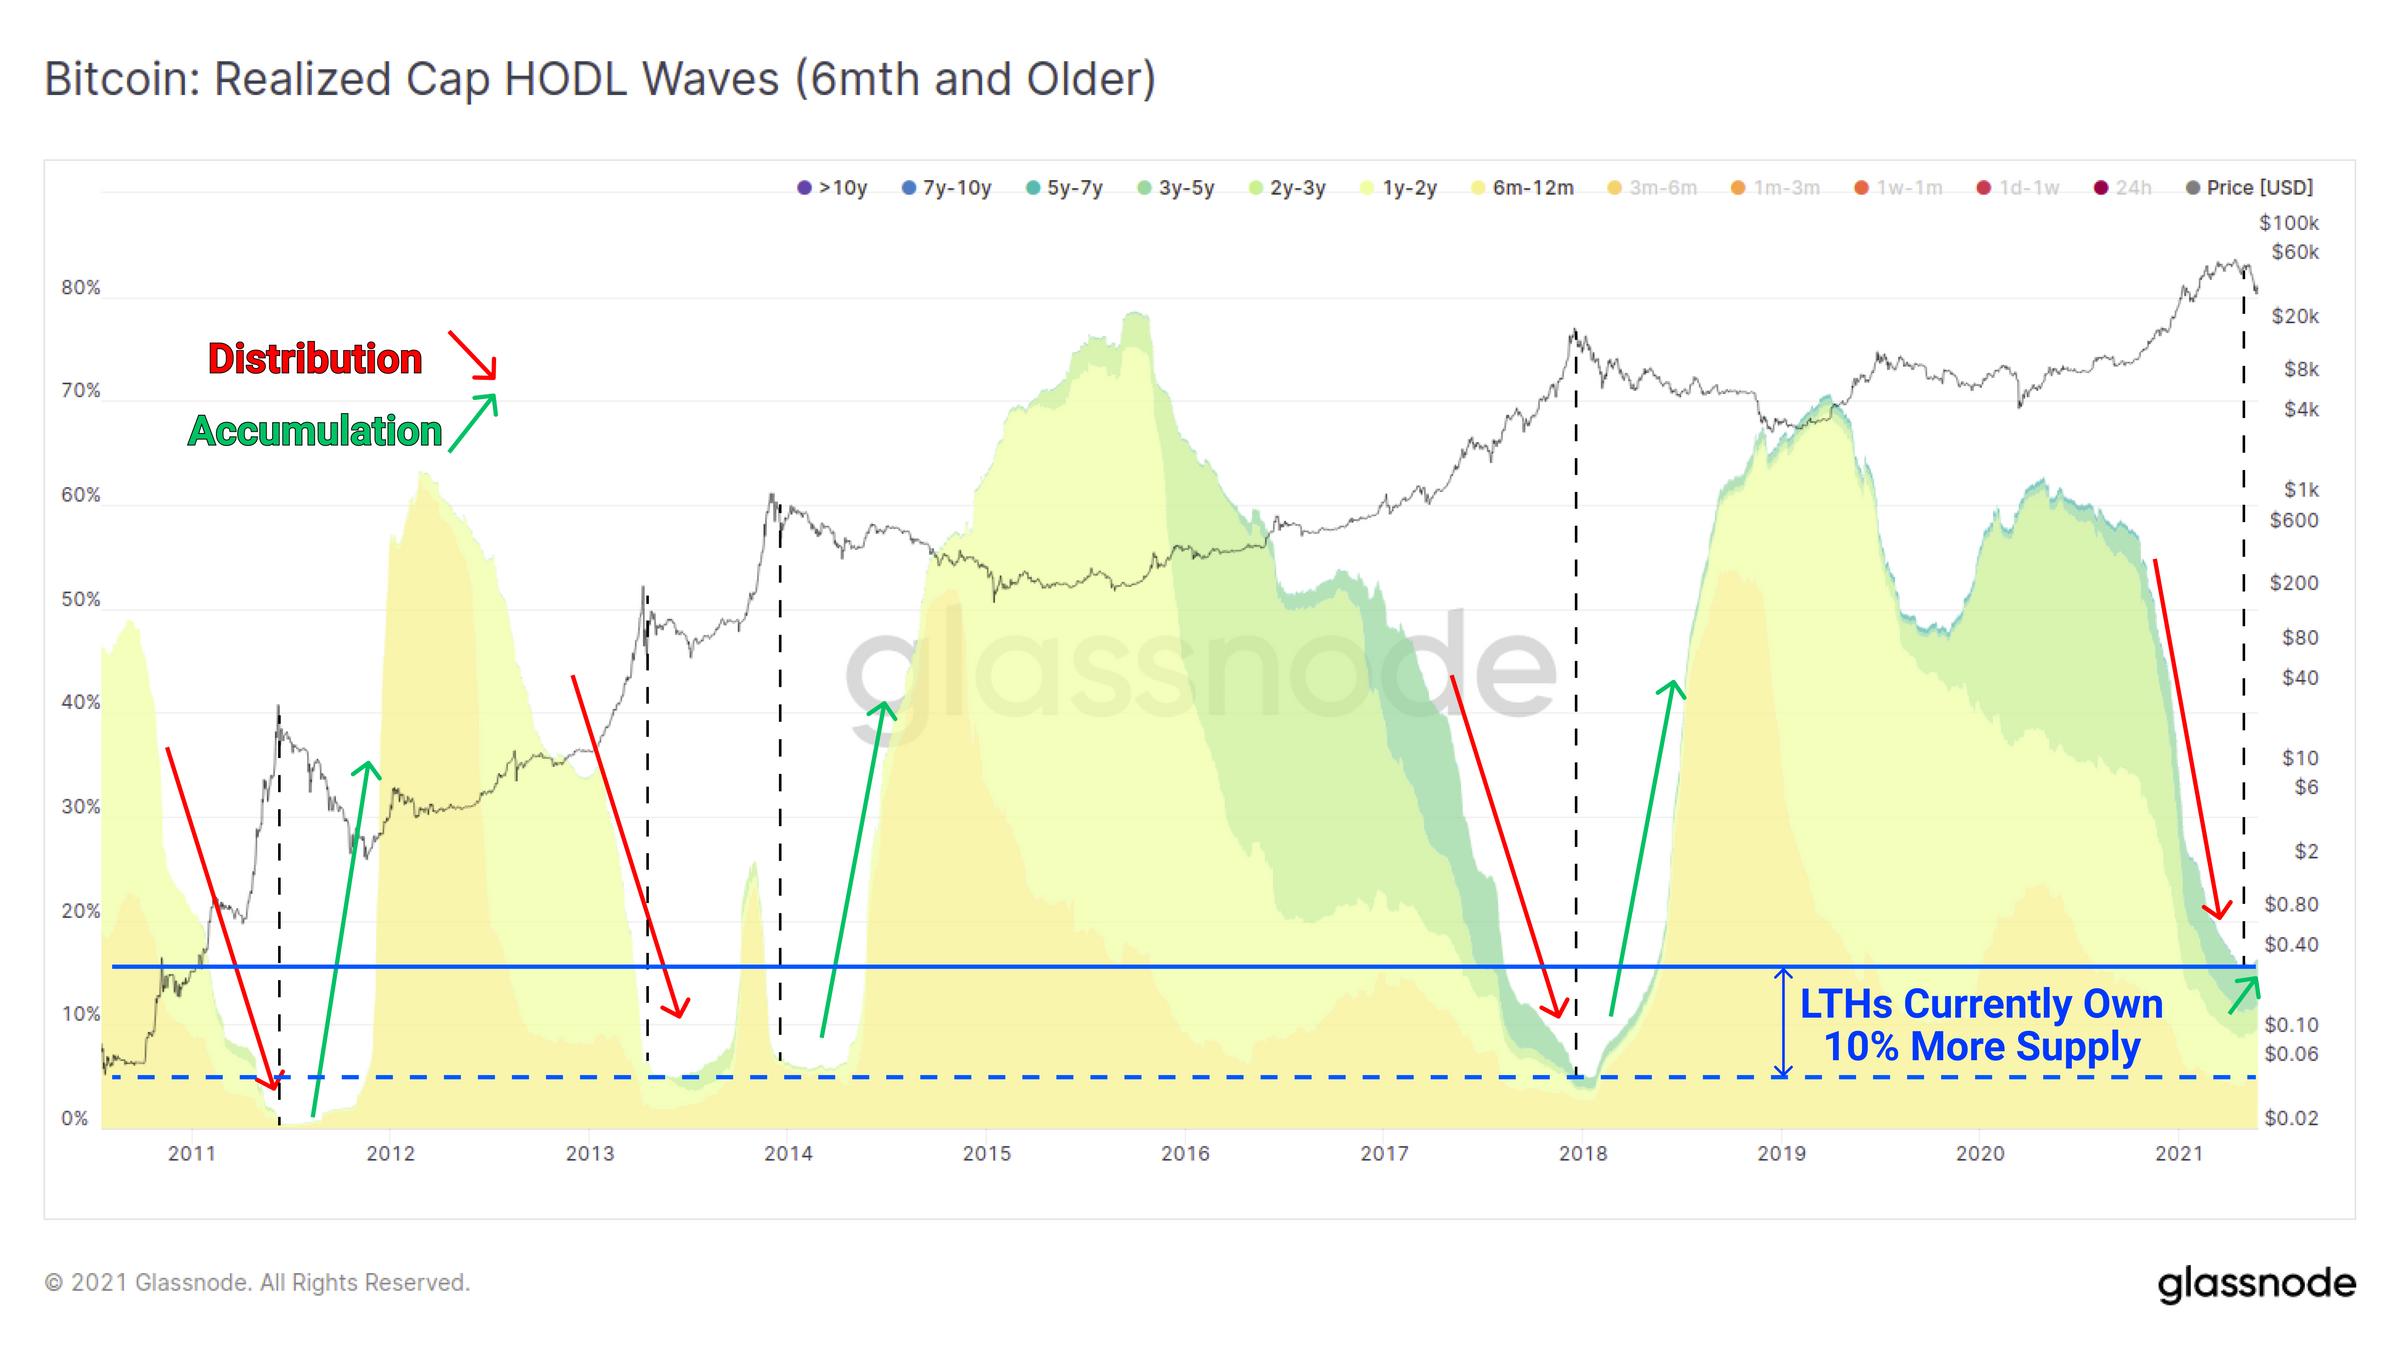 5月份市场抛售分析:接下来是牛市还是熊市?